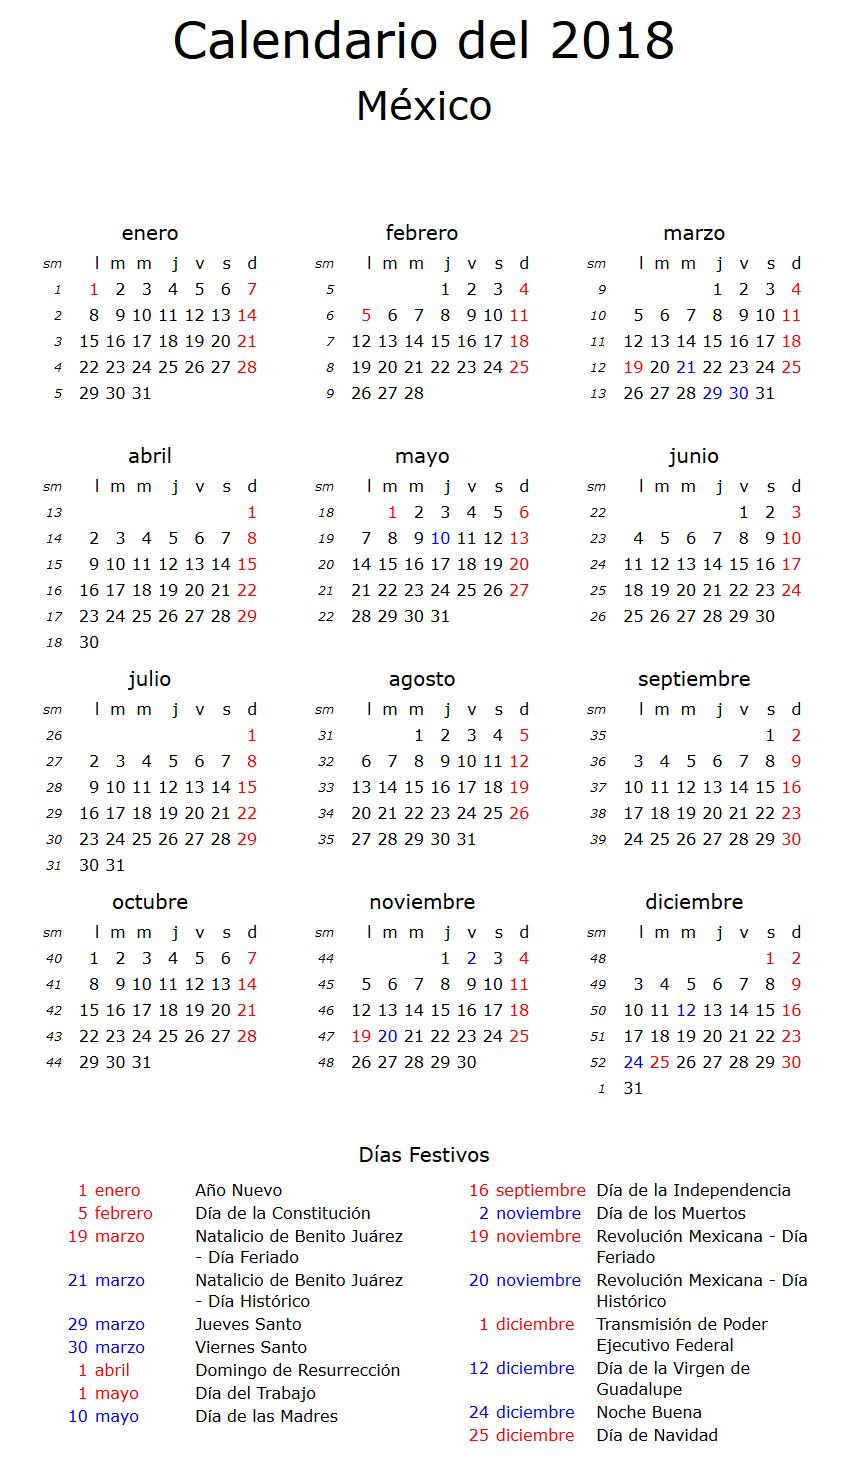 Calendario De Feriados 2018 Calendariolaboral Com Mx